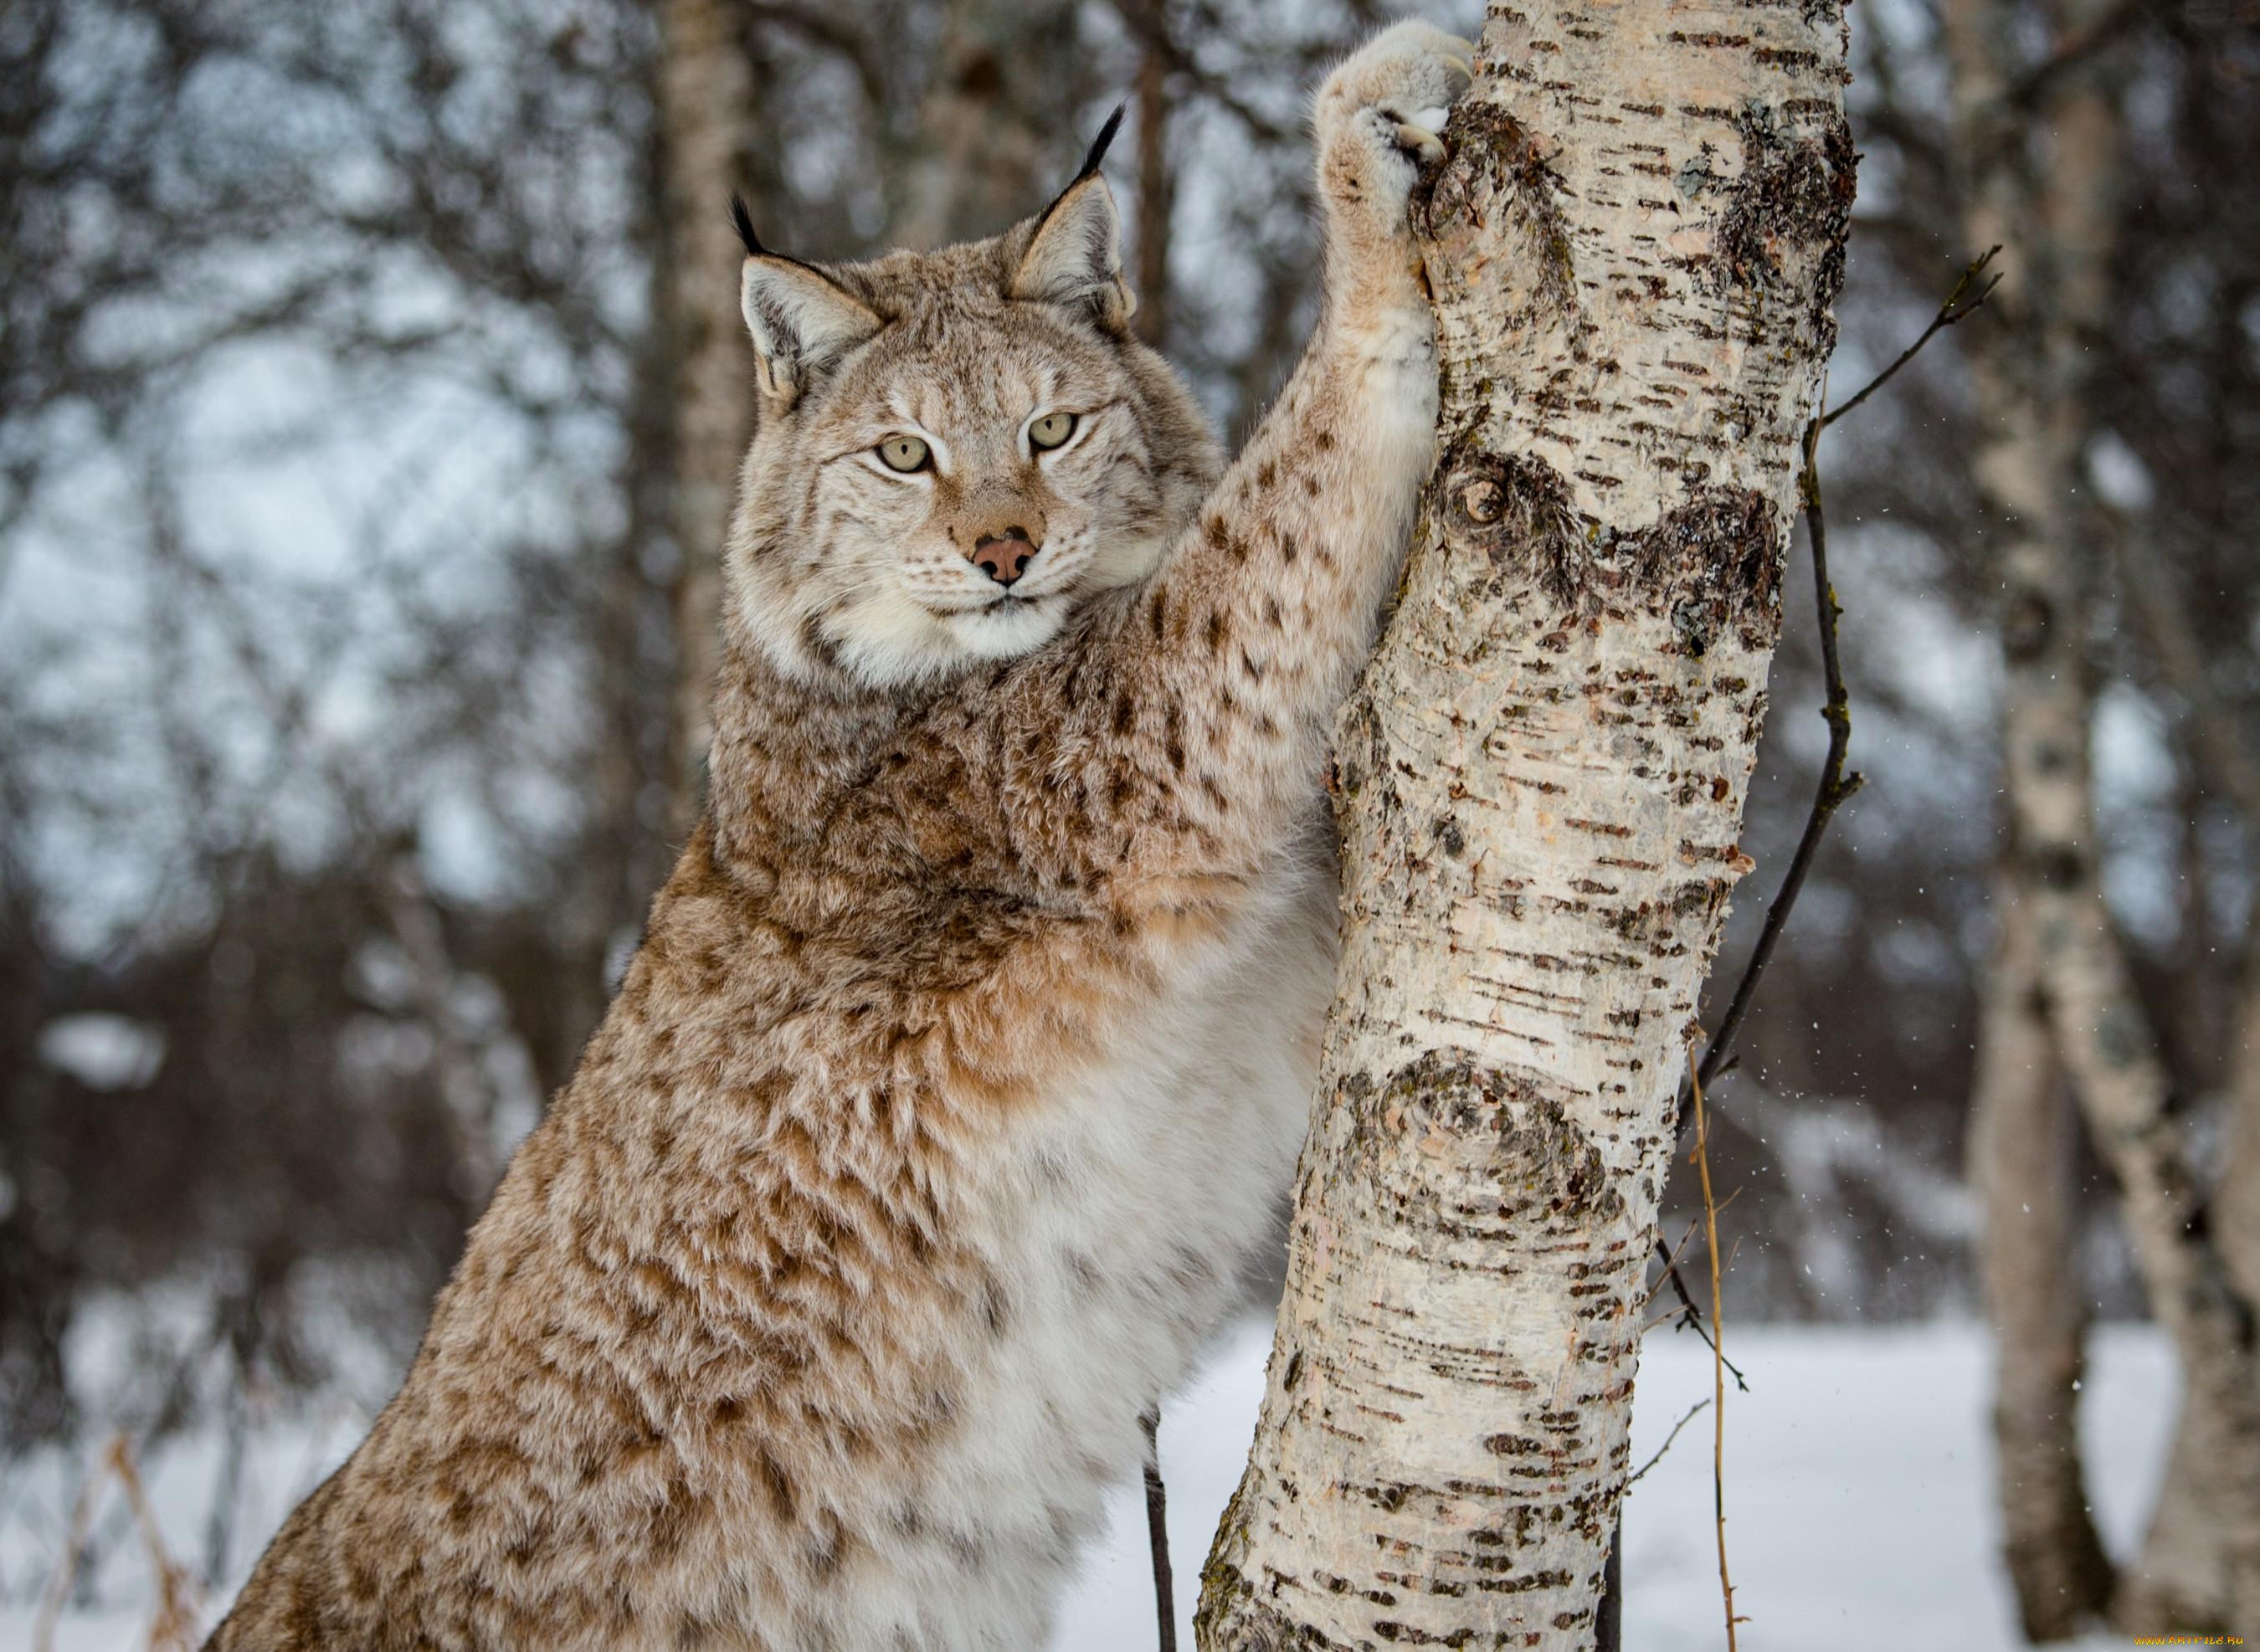 никто любит, рысь сибирская фото животного любителям шумных вечеринок